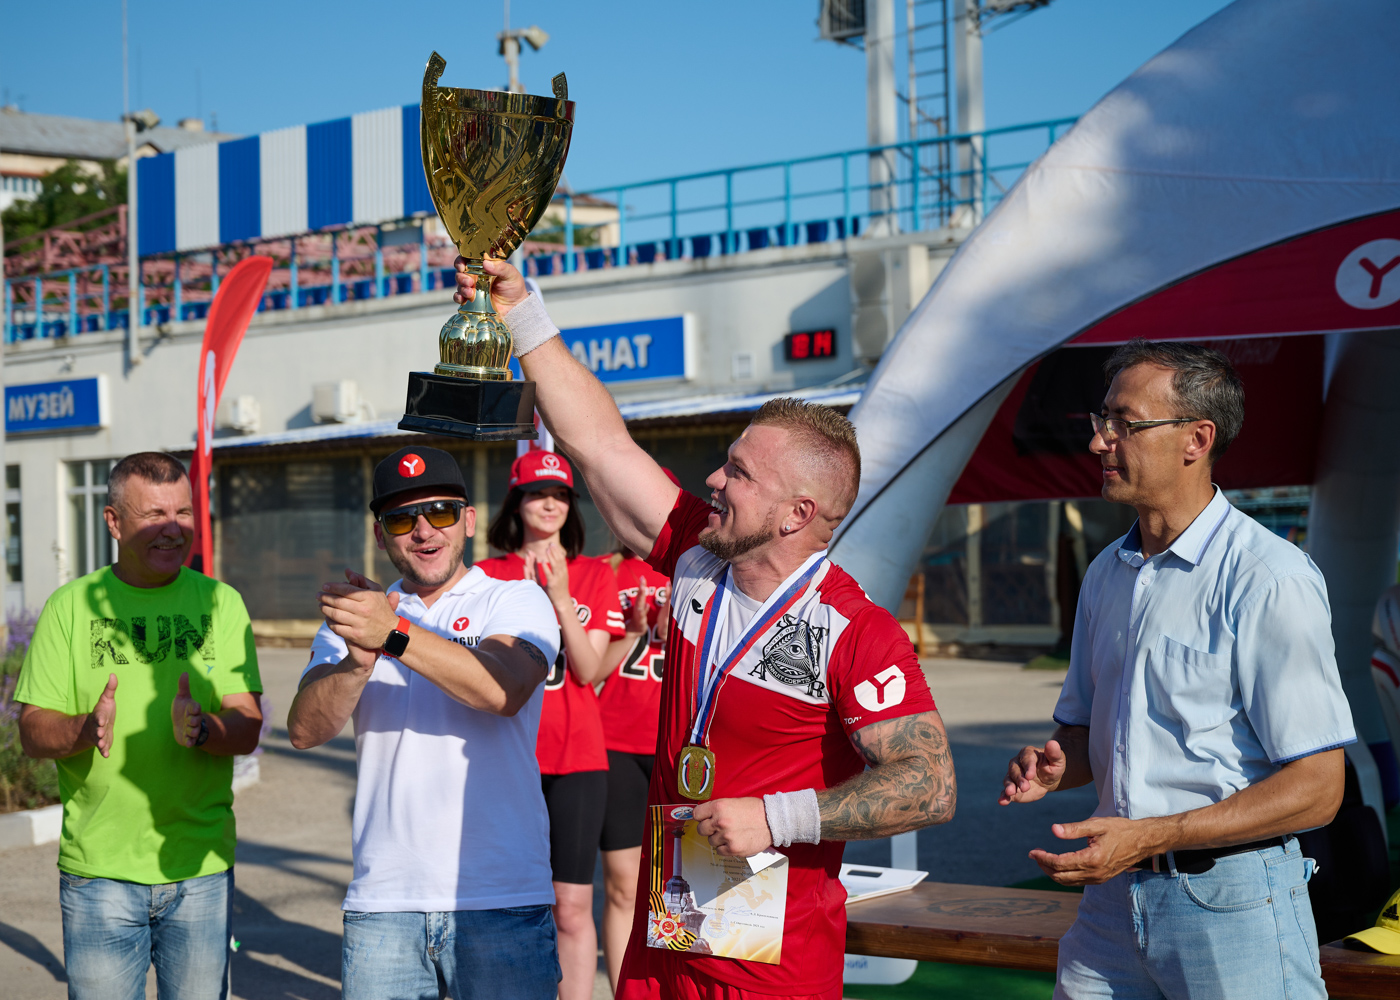 ST.AR — победитель турнира по мини-футболу, приуроченного ко Дню города Севастополя и 76-летию Победы в ВОВ